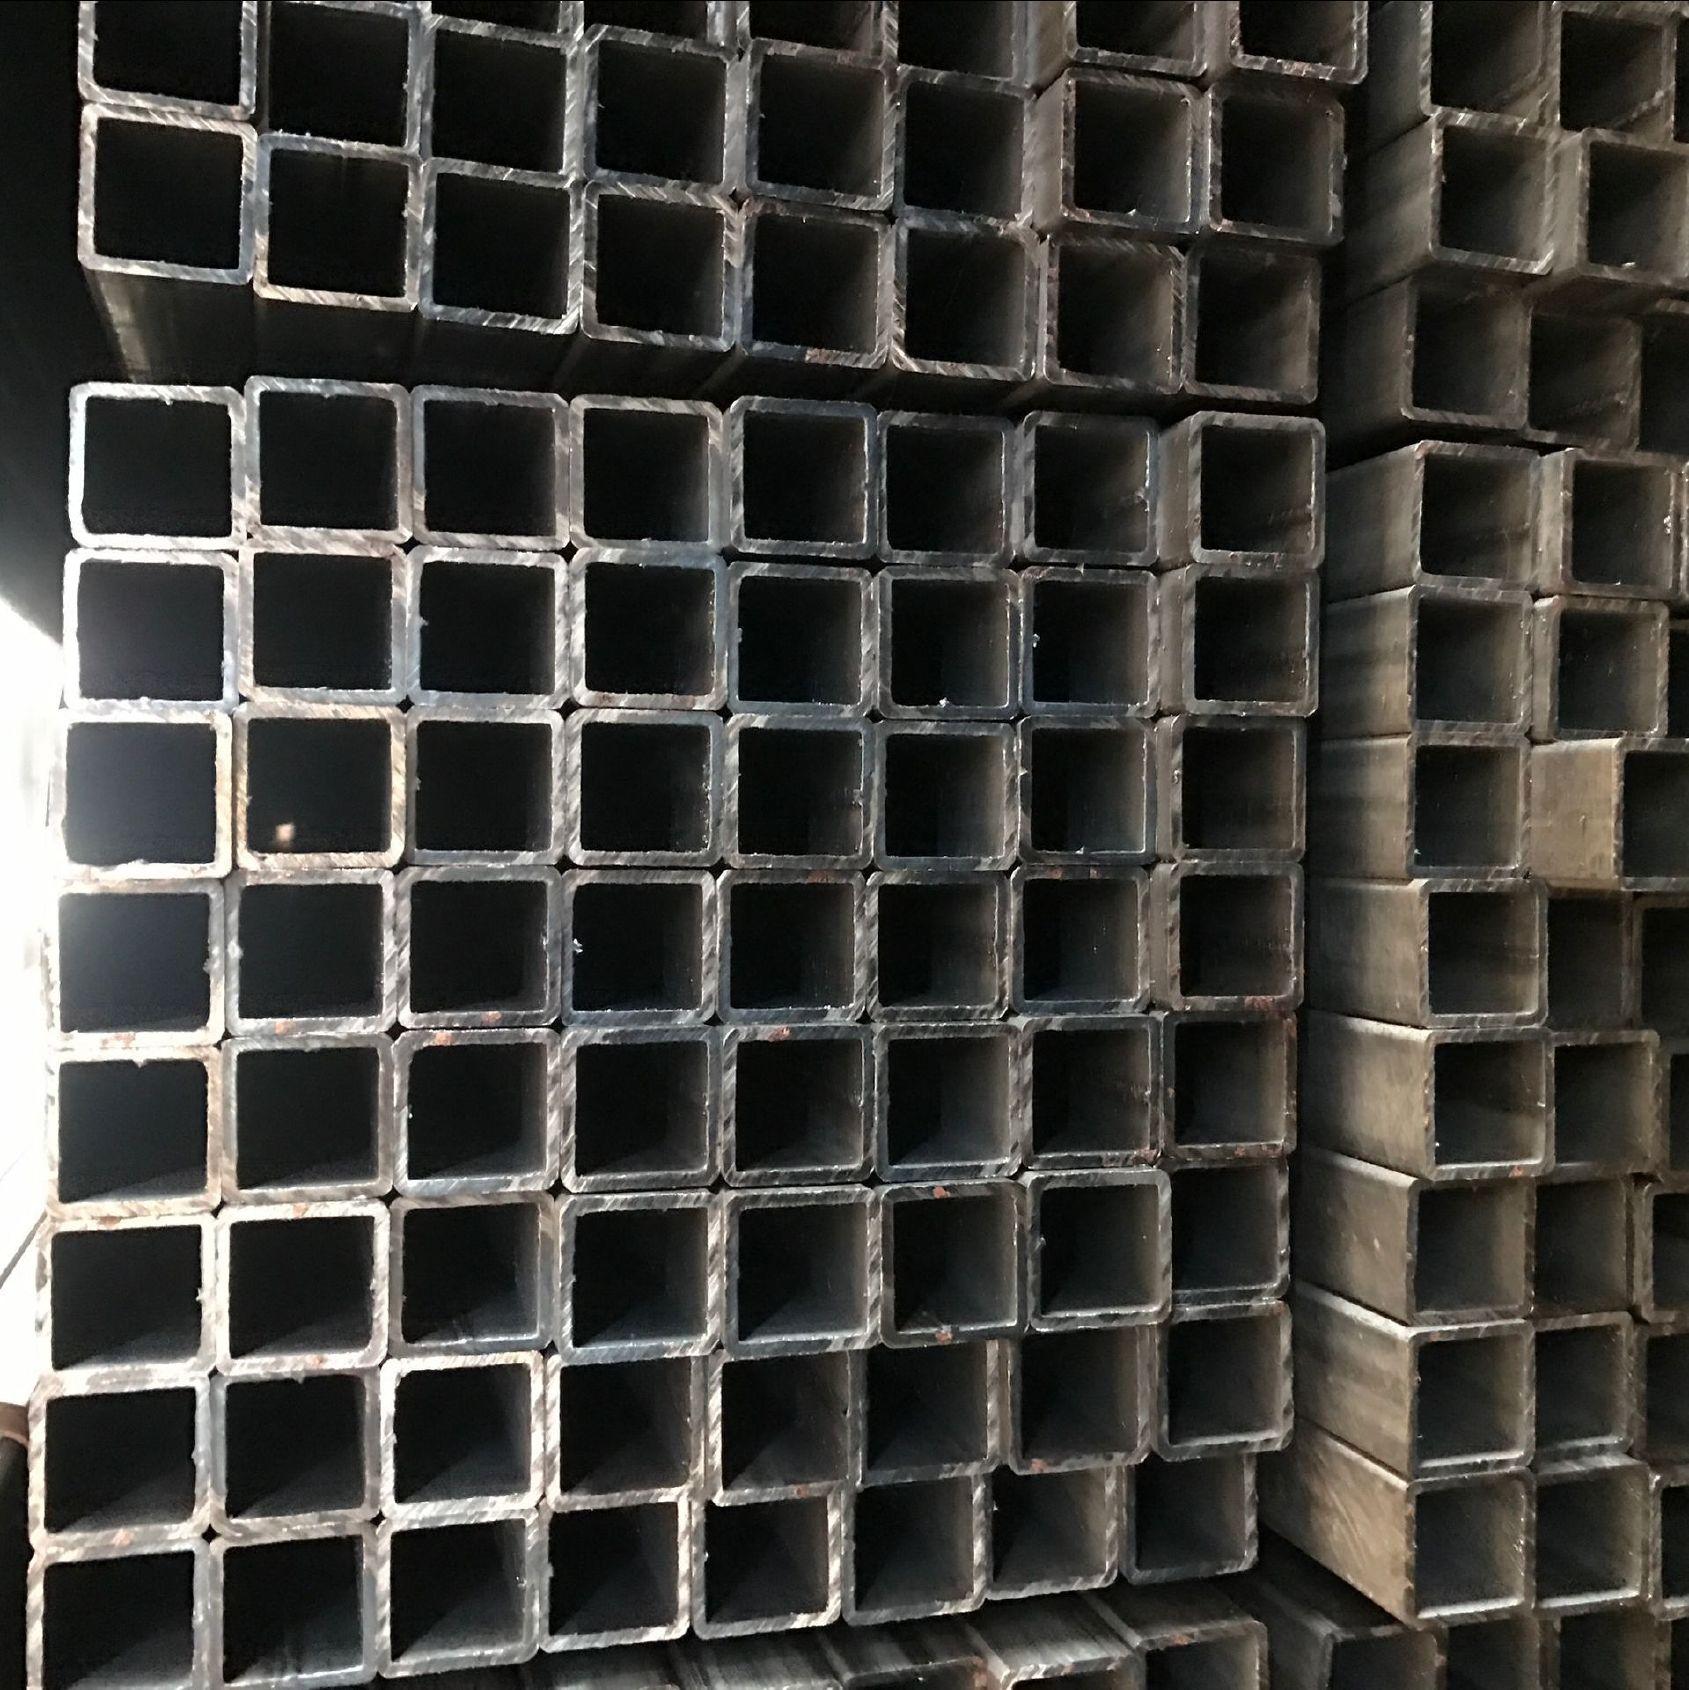 镀锌厚壁方管价格 无缝方管加工定做 20镀锌无缝方管厂家